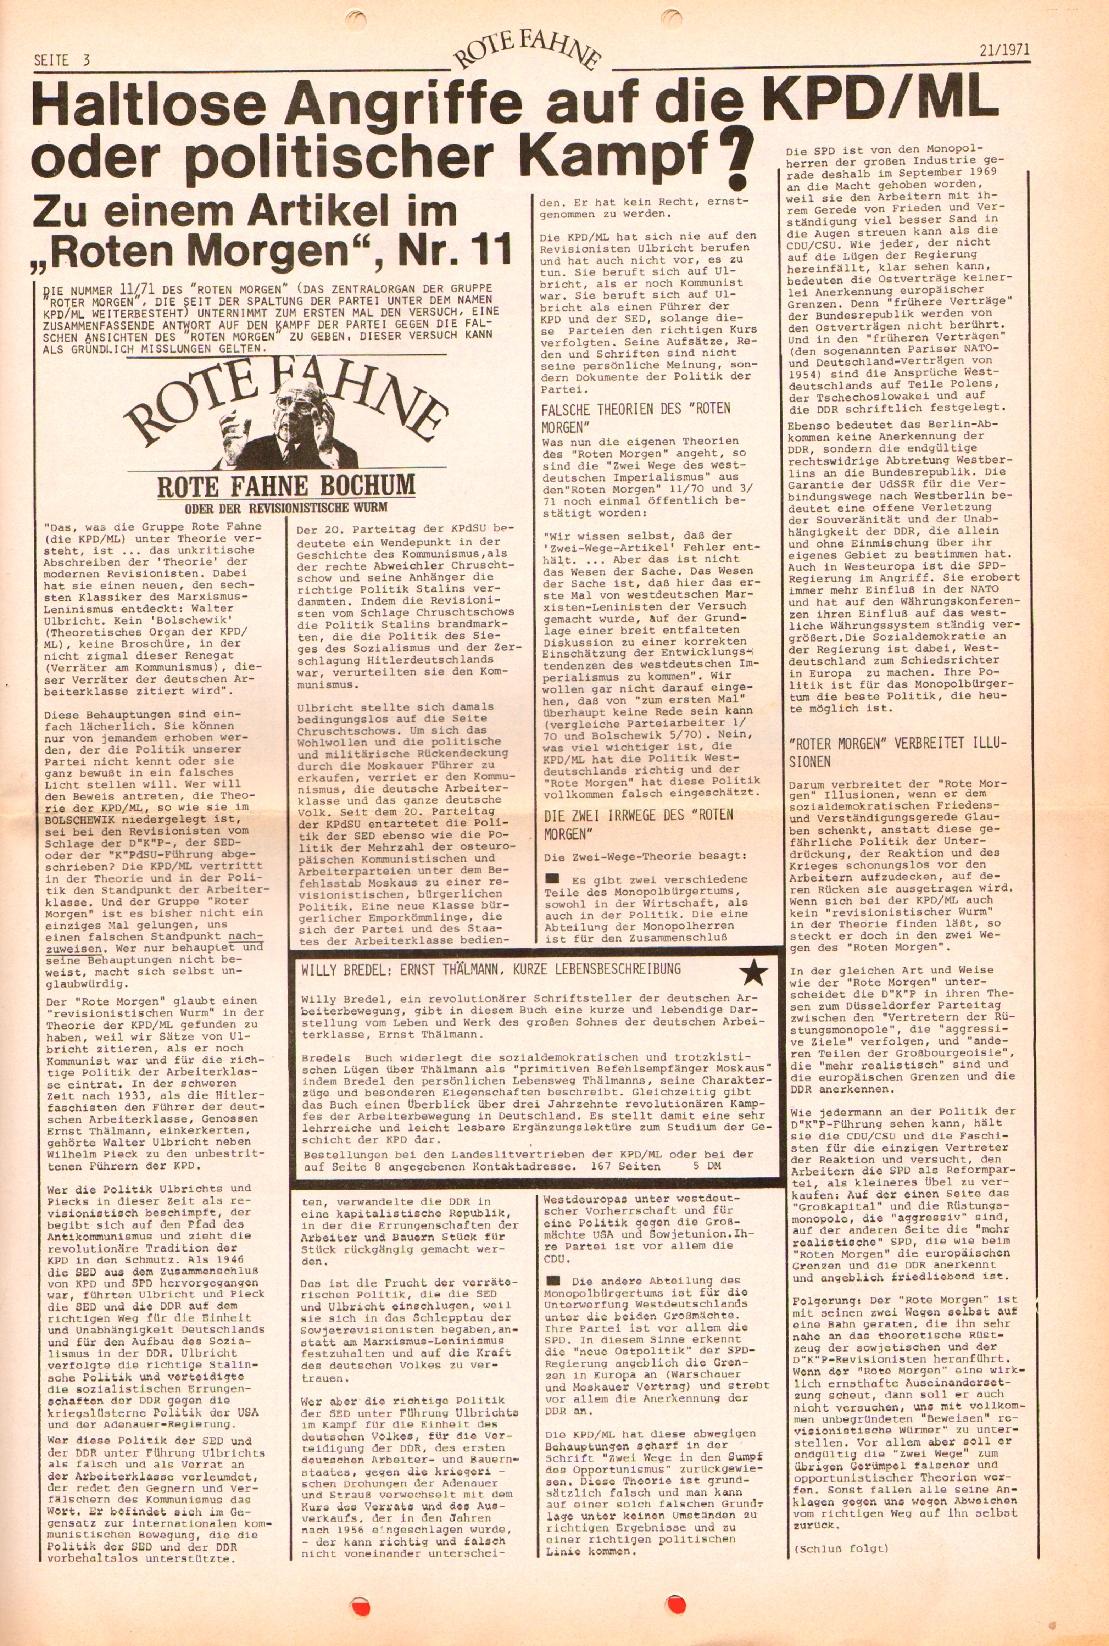 Rote Fahne, 2. Jg., 25.10.1971, Nr. 21, Seite 3